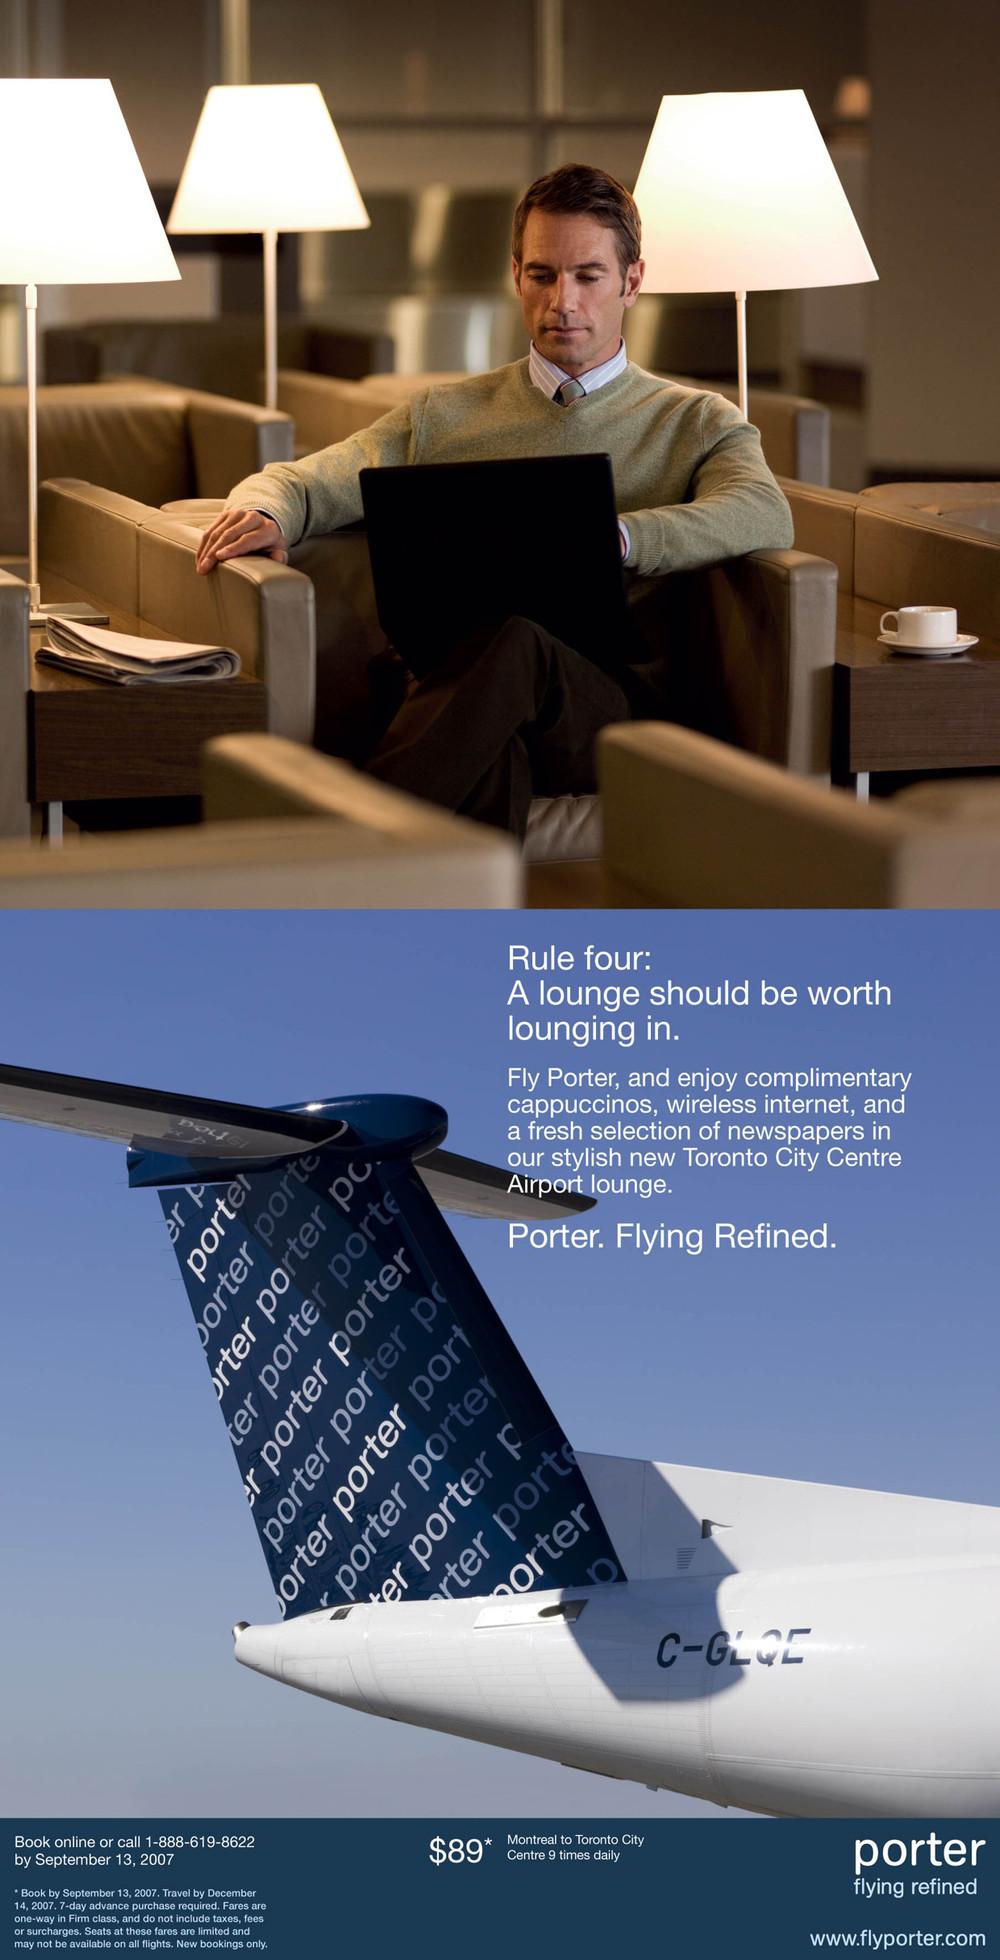 stuart-daly-porter-airlines-5.jpg